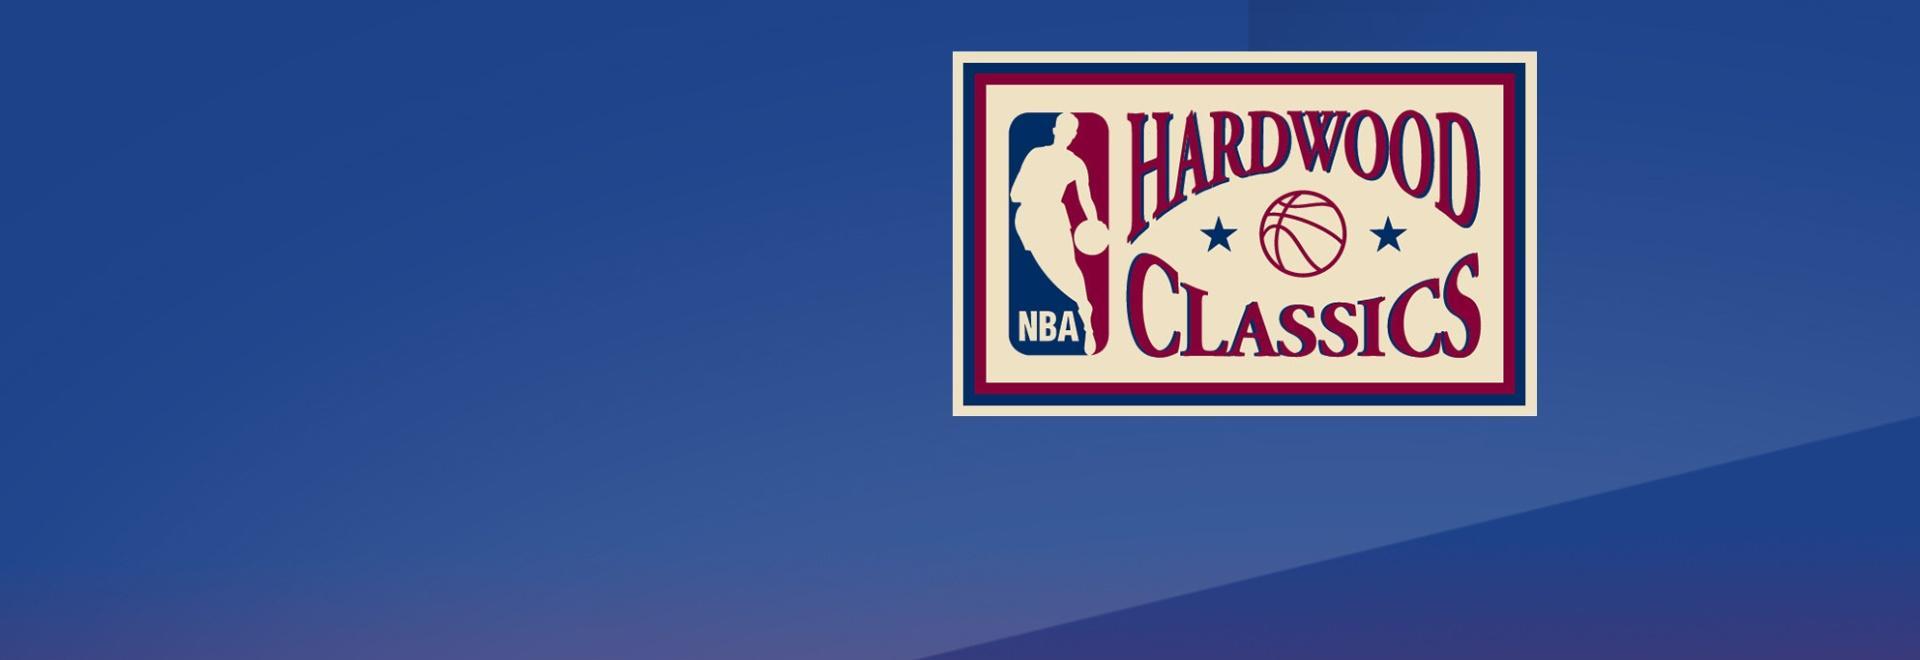 Spurs - Heat 2013. NBA Finals. Game 7